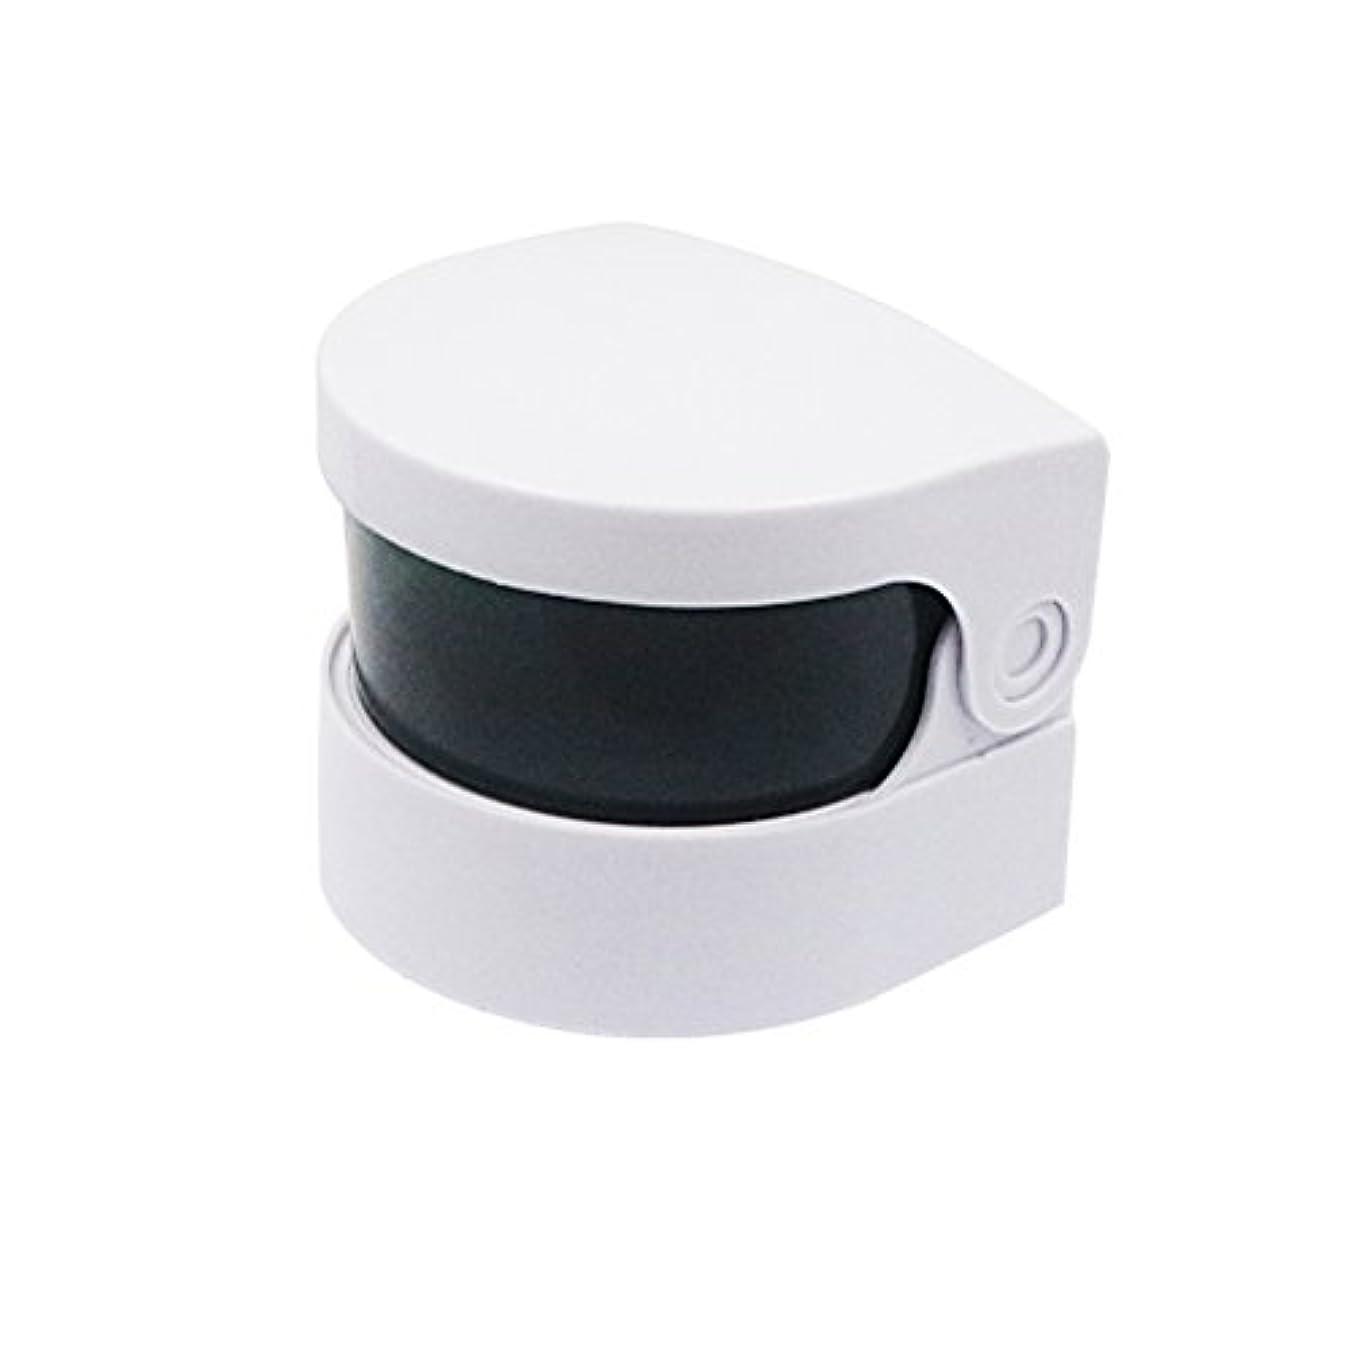 シェードダイバー測定可能Healifty 超音波クリーナー義歯クリーナーバスジュエリー時計用クリーニングマシンメガネコイン(ホワイト)